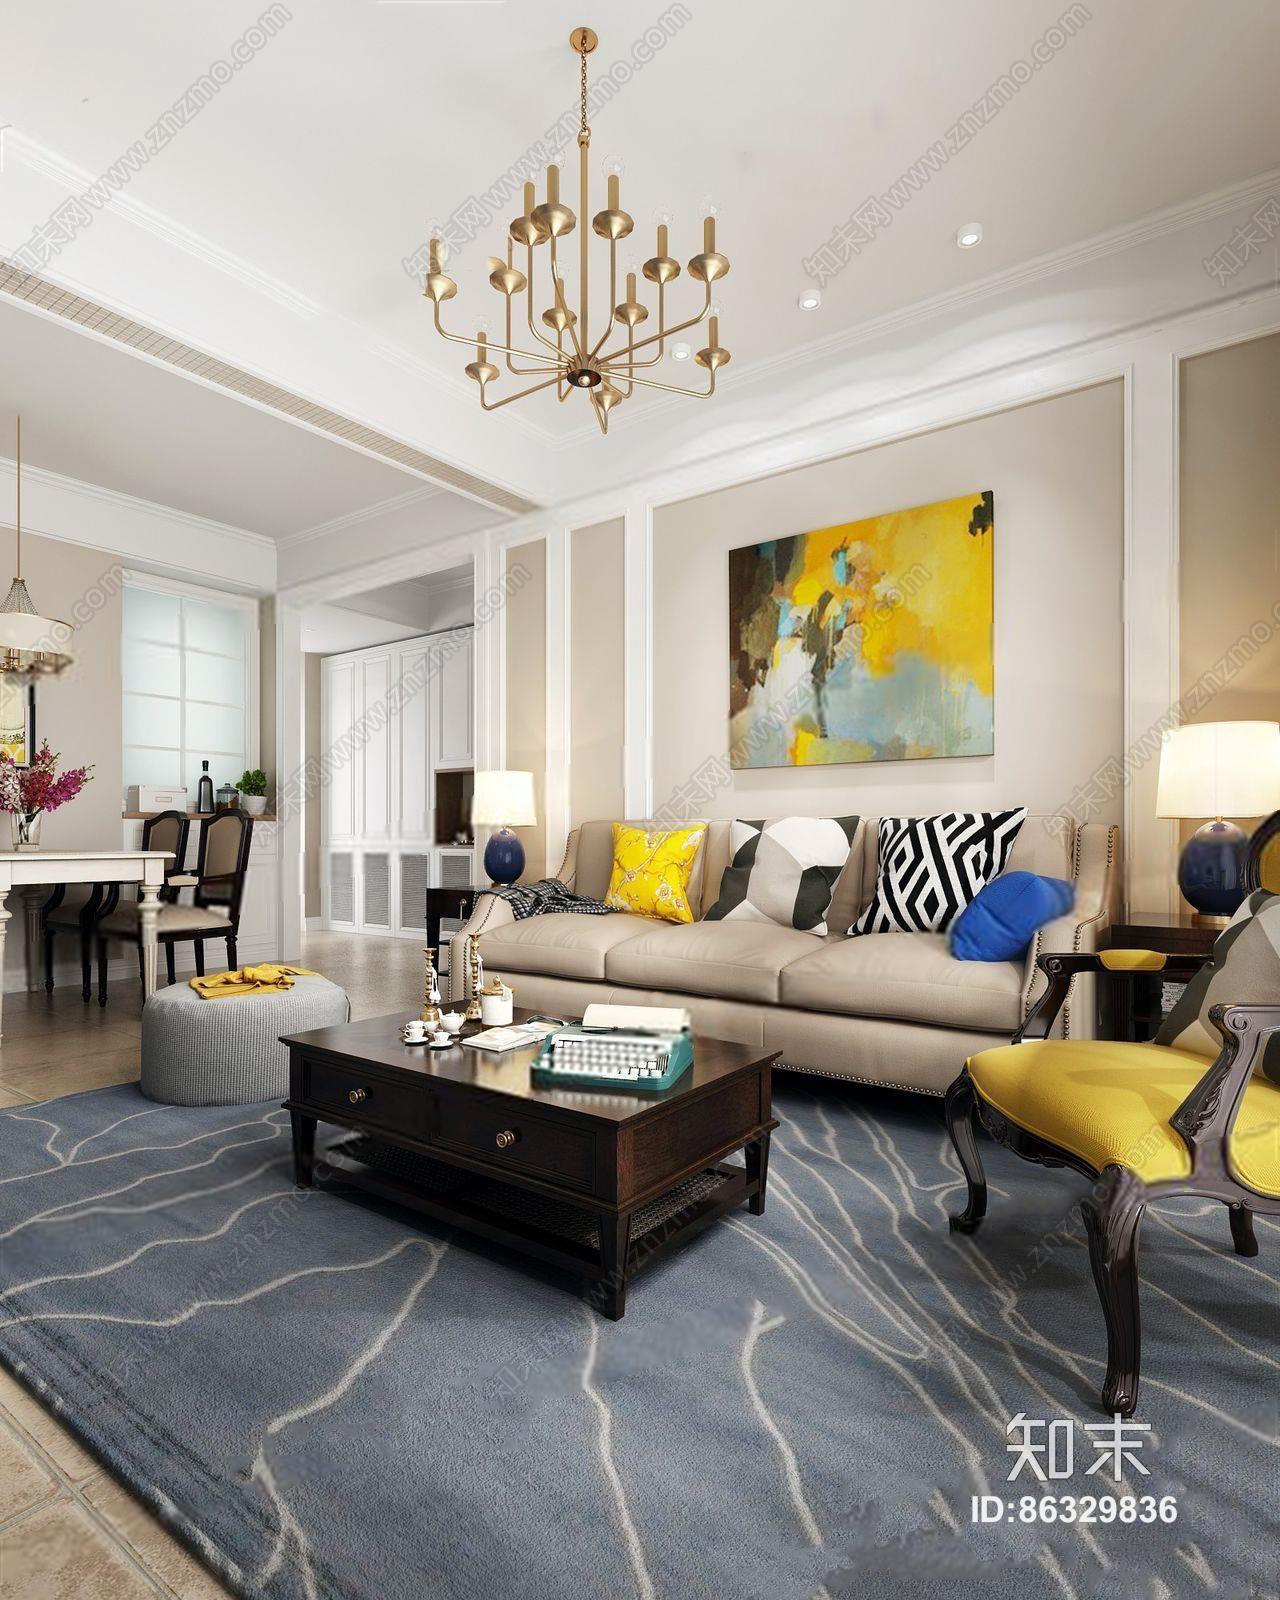 美式客餐厅 美式整体模型 多人沙发 茶几 边几 餐桌椅 吊灯 台灯 挂画 坐垫 休闲椅 椅子 地毯 摆件